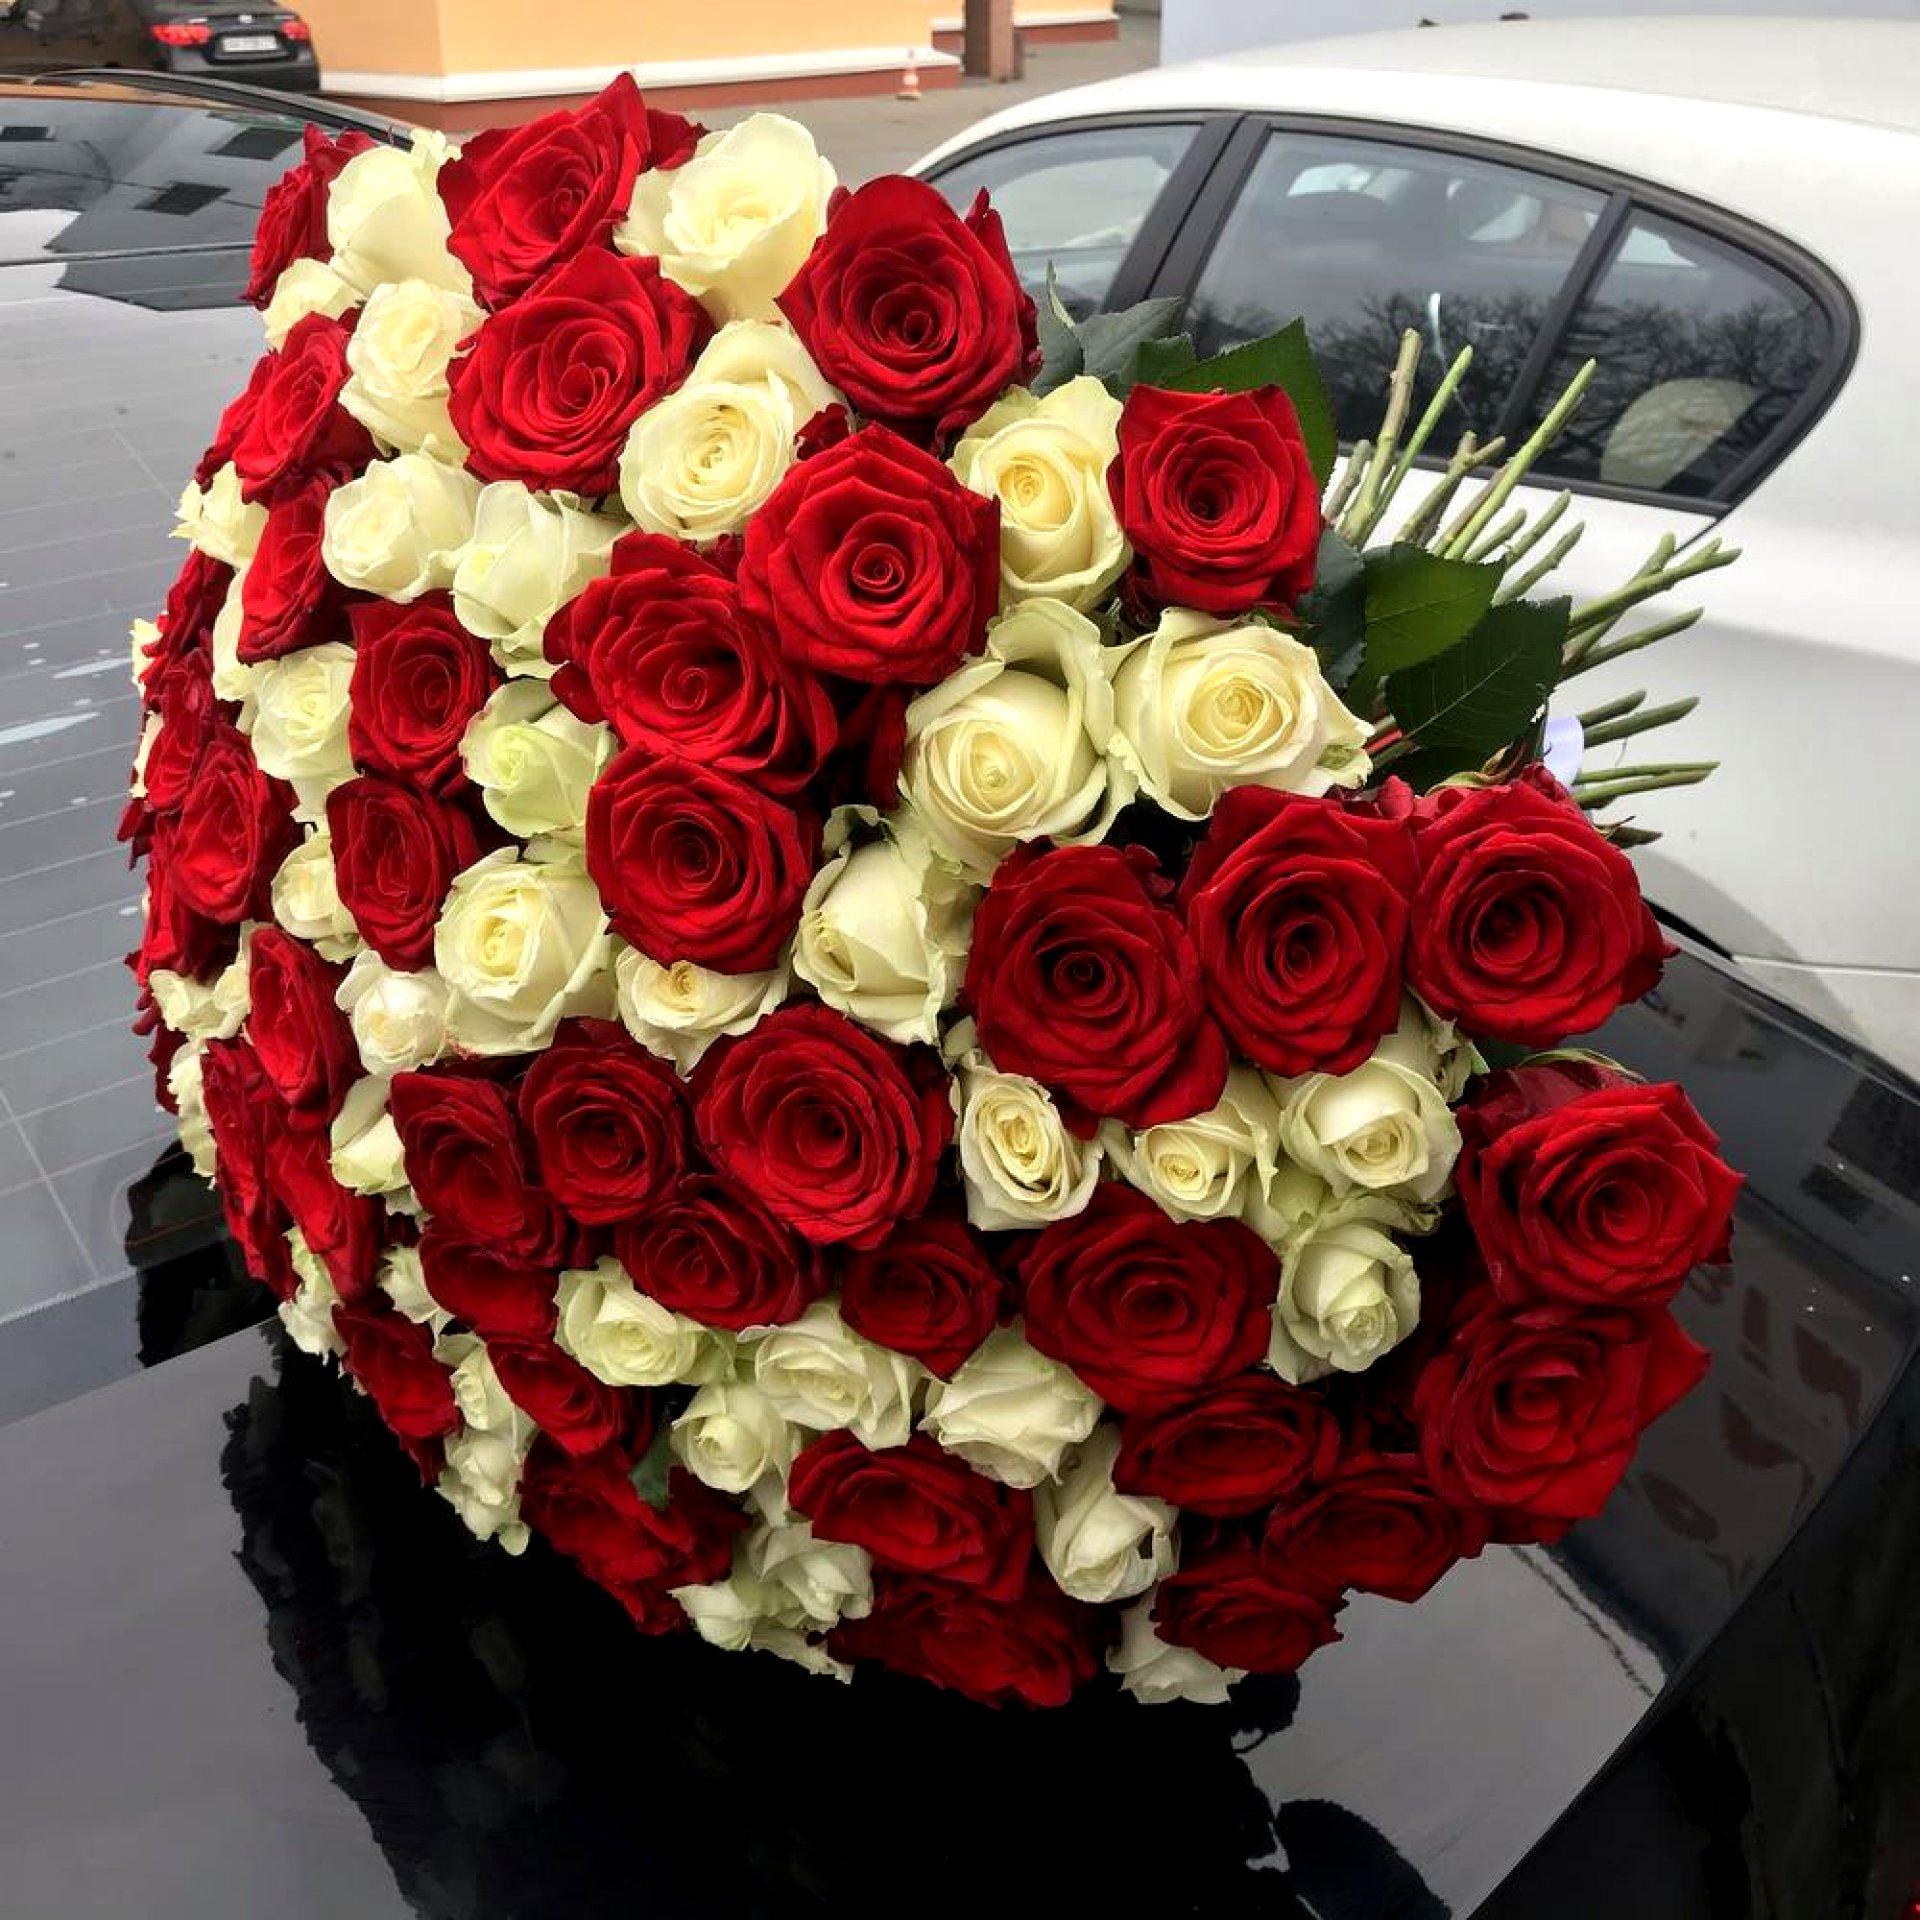 Букет красных и белых роз (101 шт)